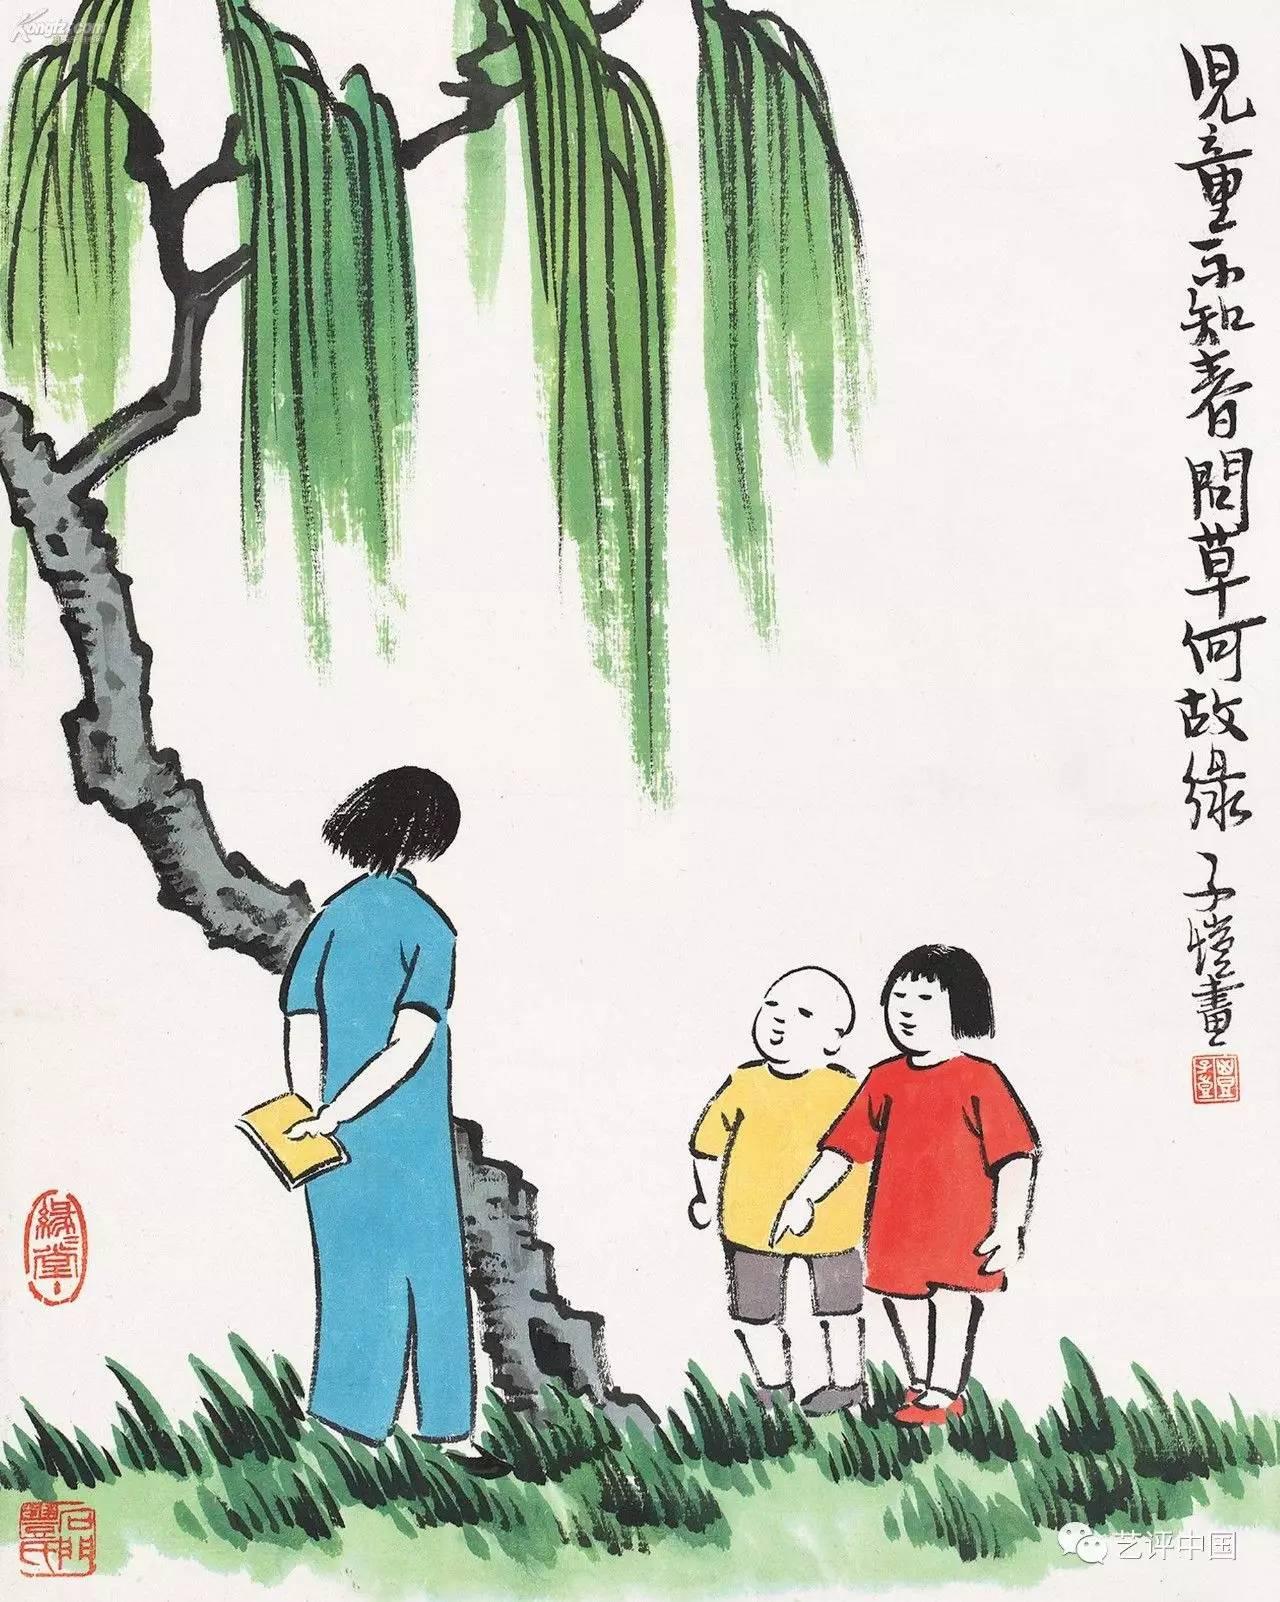 祝福母亲节1 冰心诗歌 纸船 ,丰子恺漫画母爱浓浓